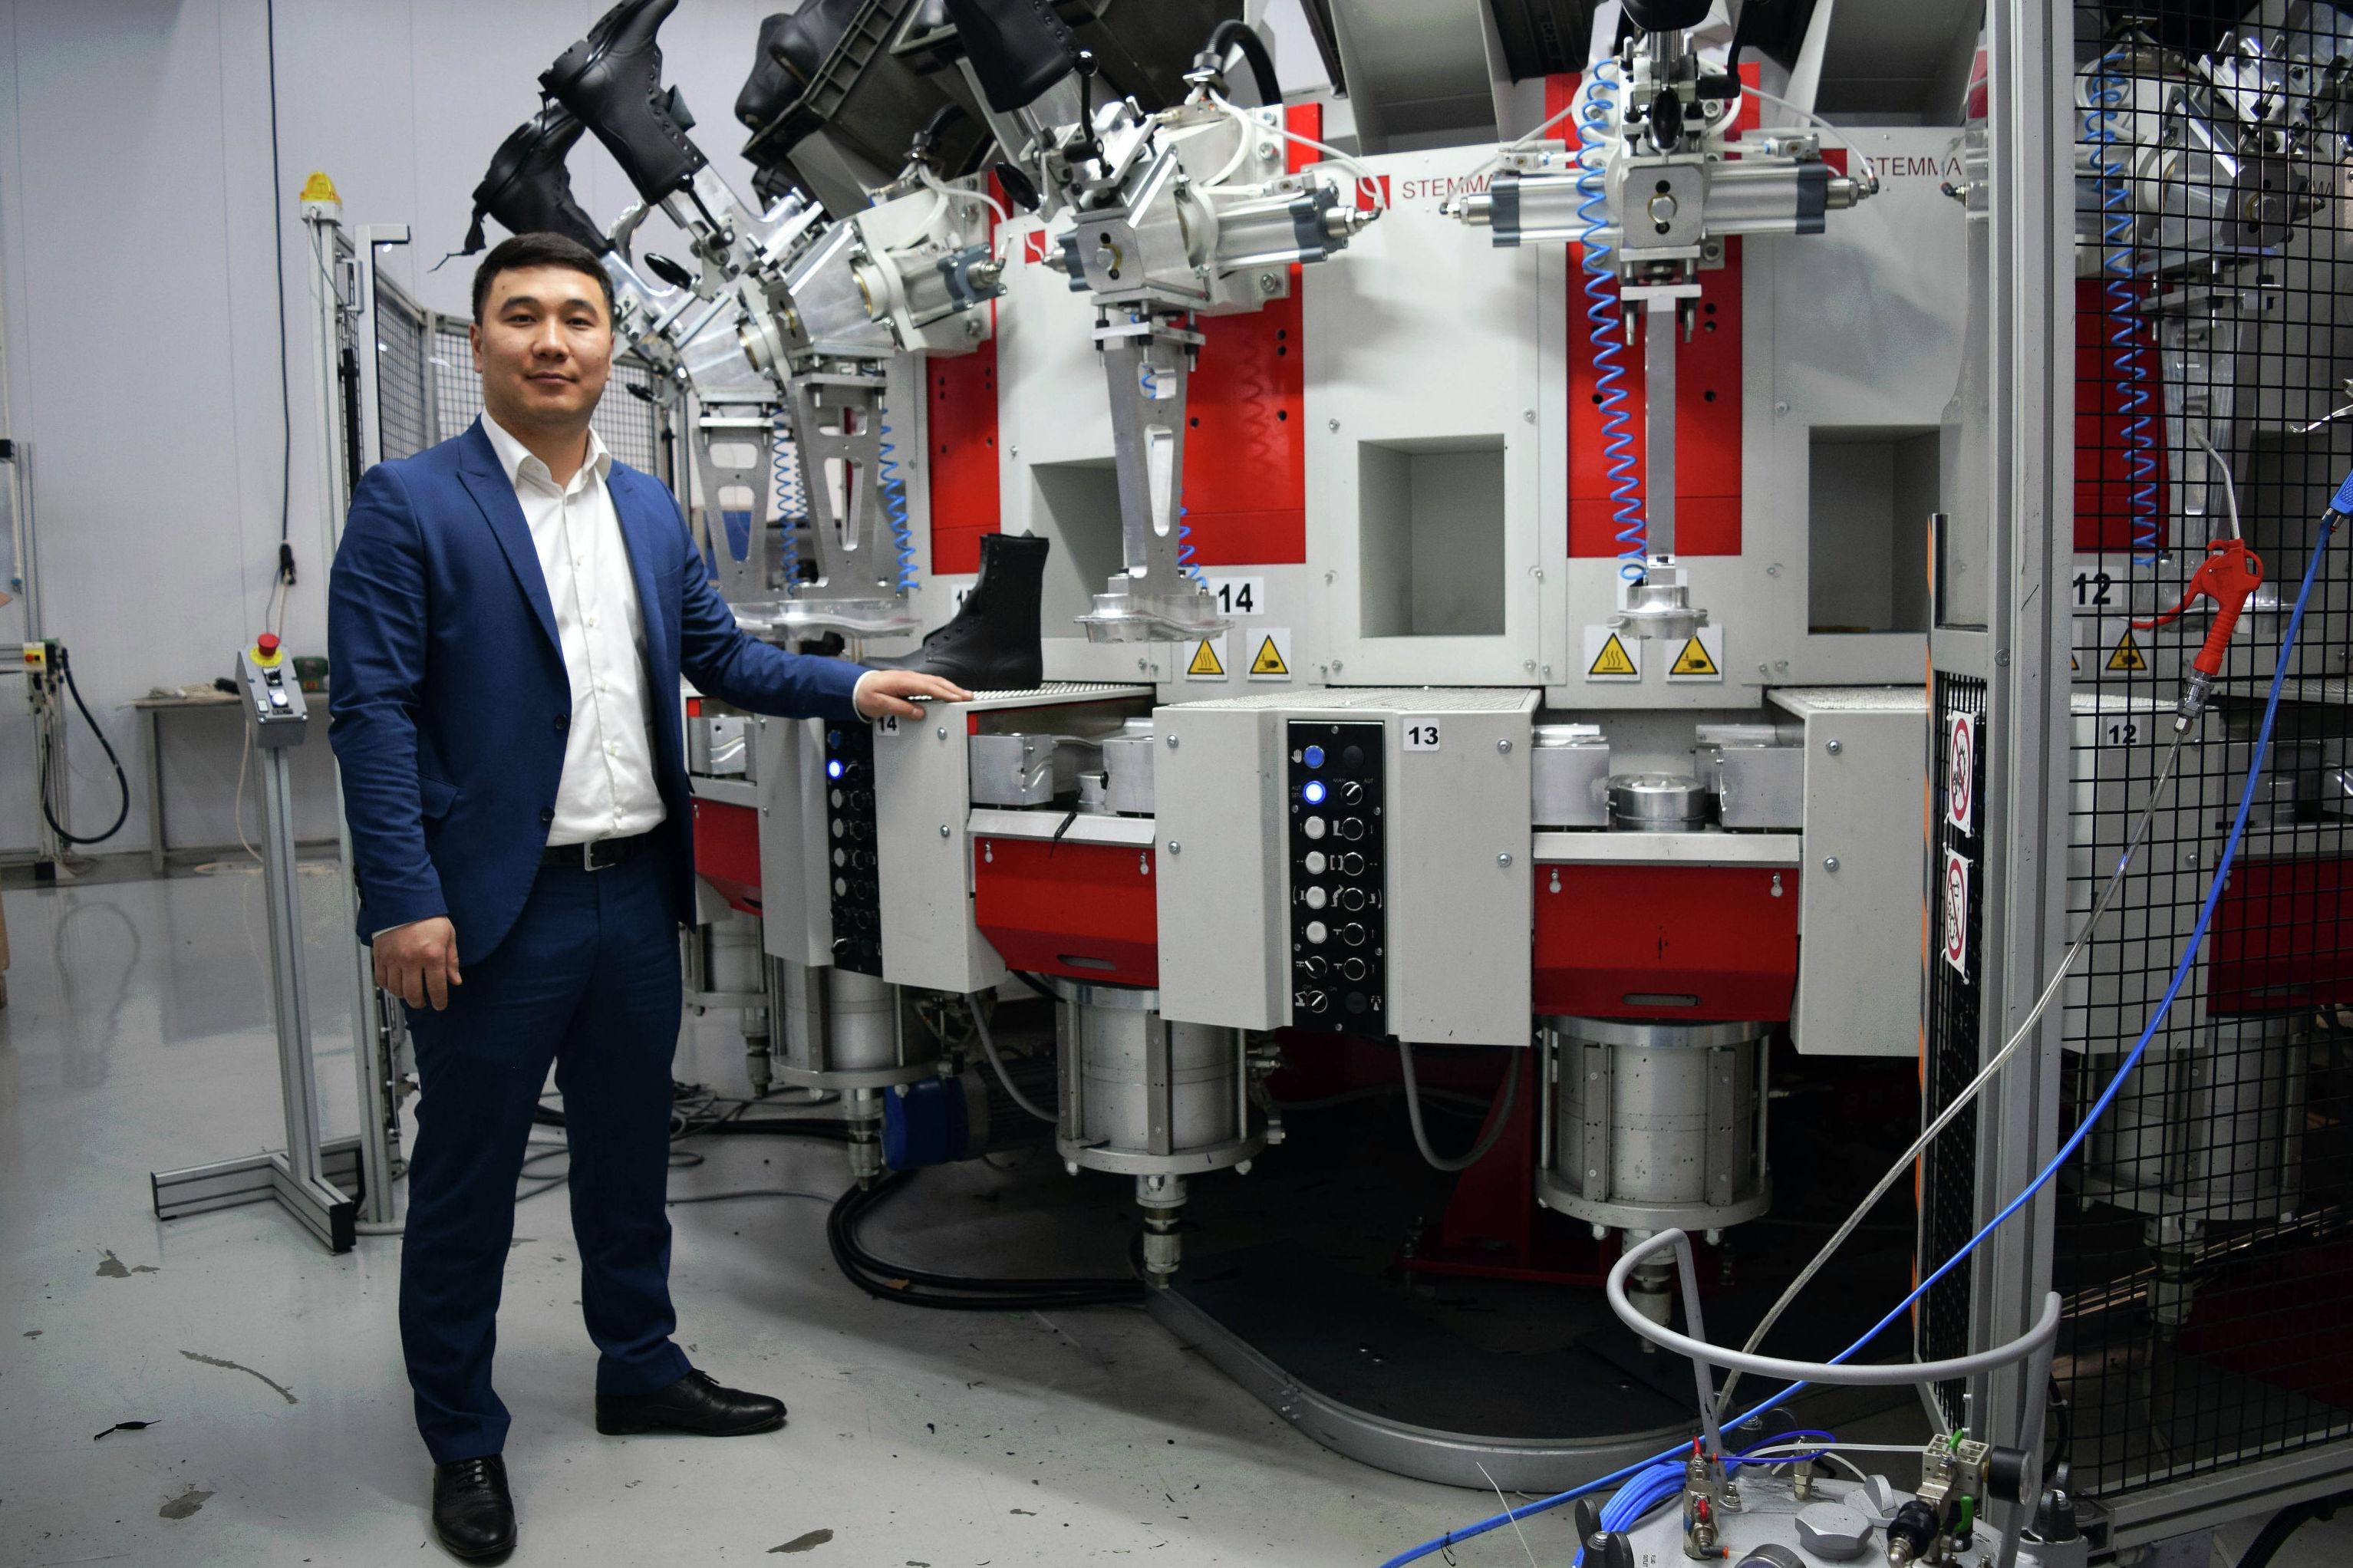 Владелец обувной фабрики Улукбек Маликов у станка